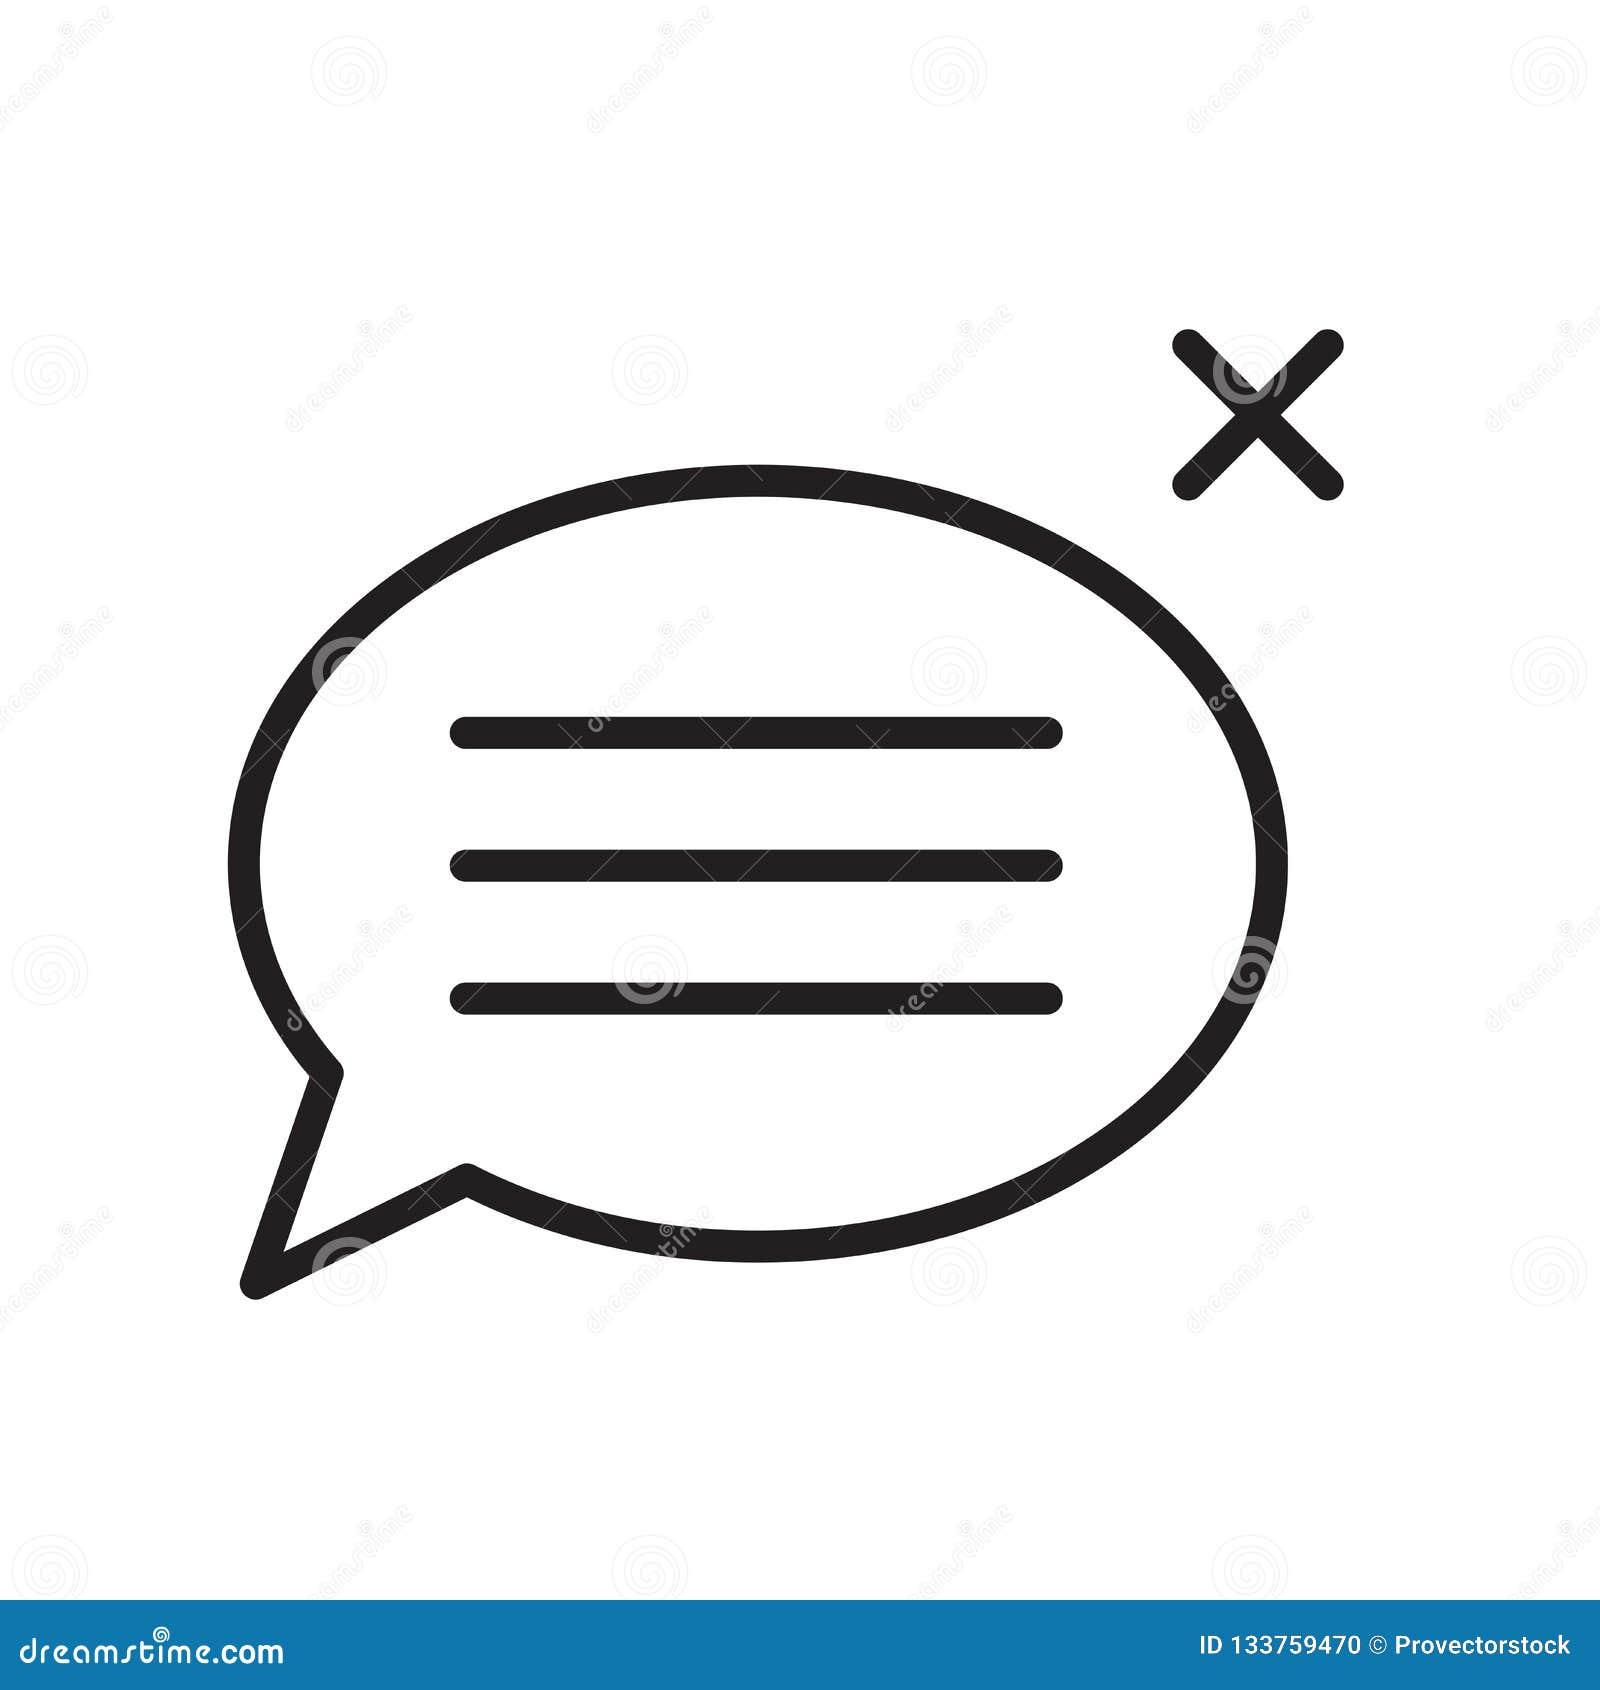 Sinal e símbolo do vetor do ícone da bolha do discurso isolados no fundo branco, conceito do logotipo da bolha do discurso, símbo